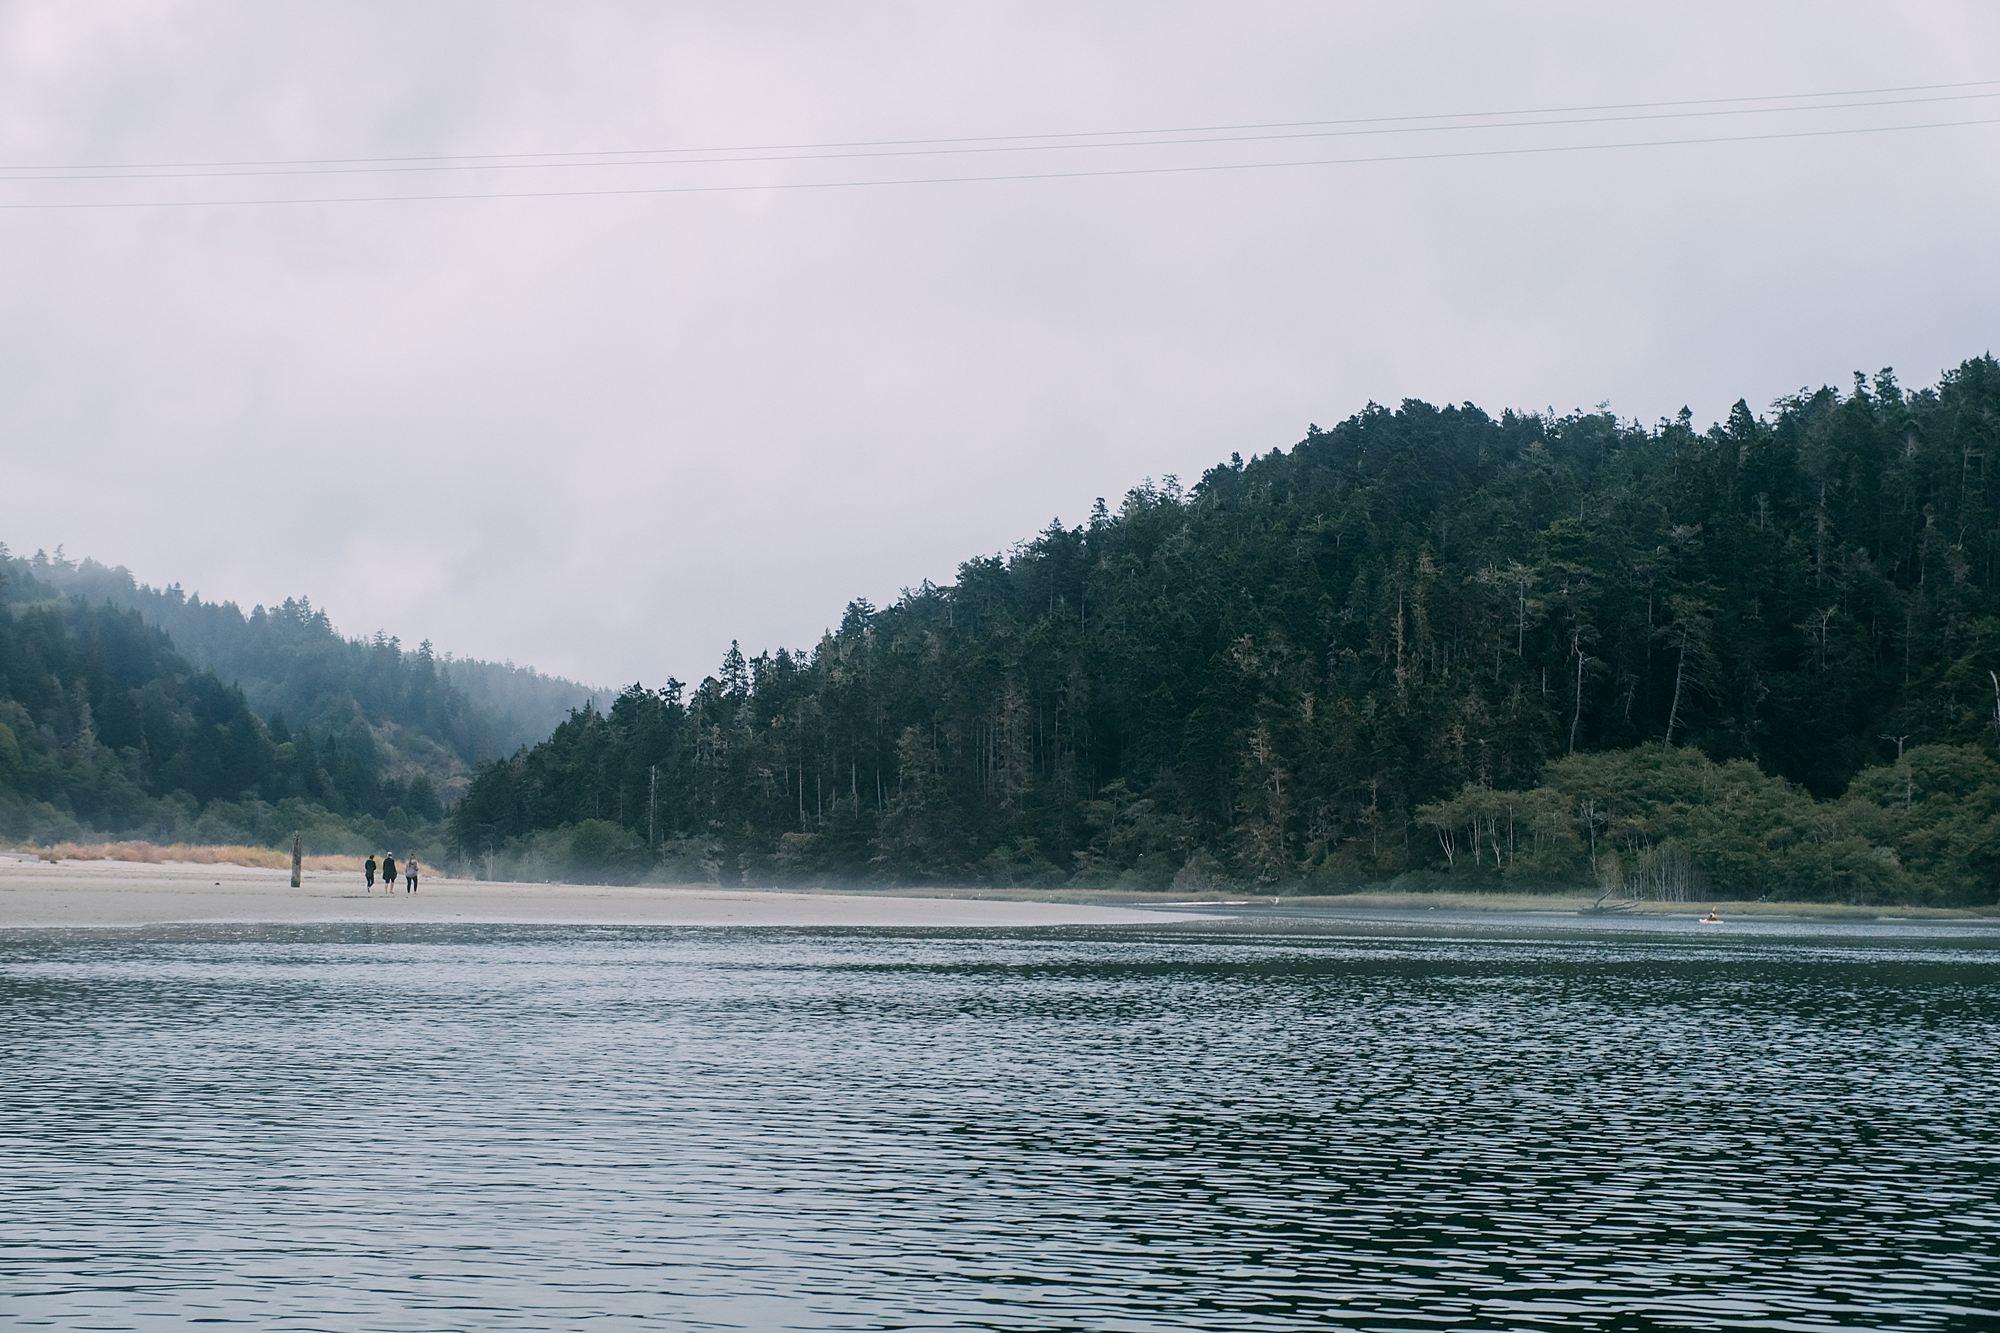 fog along big river catchacanoe canoe rental in Mendocino County